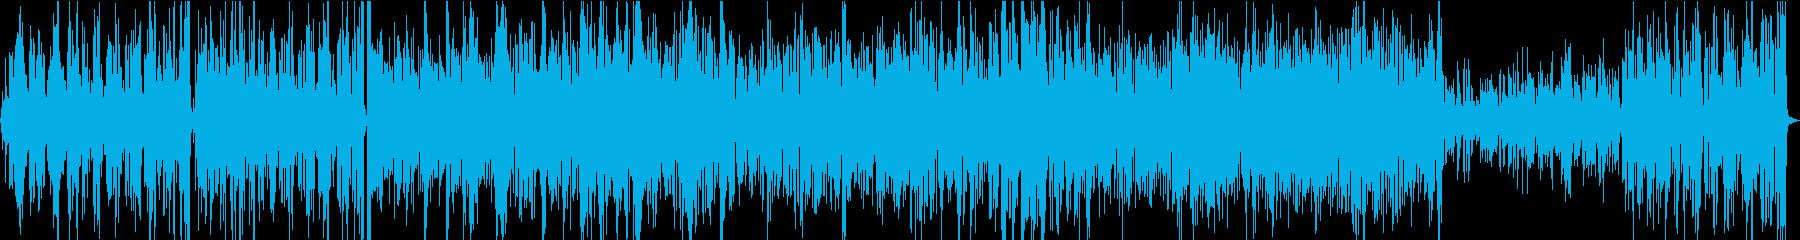 ジャズトロンボーン。ジャズスタンダ...の再生済みの波形